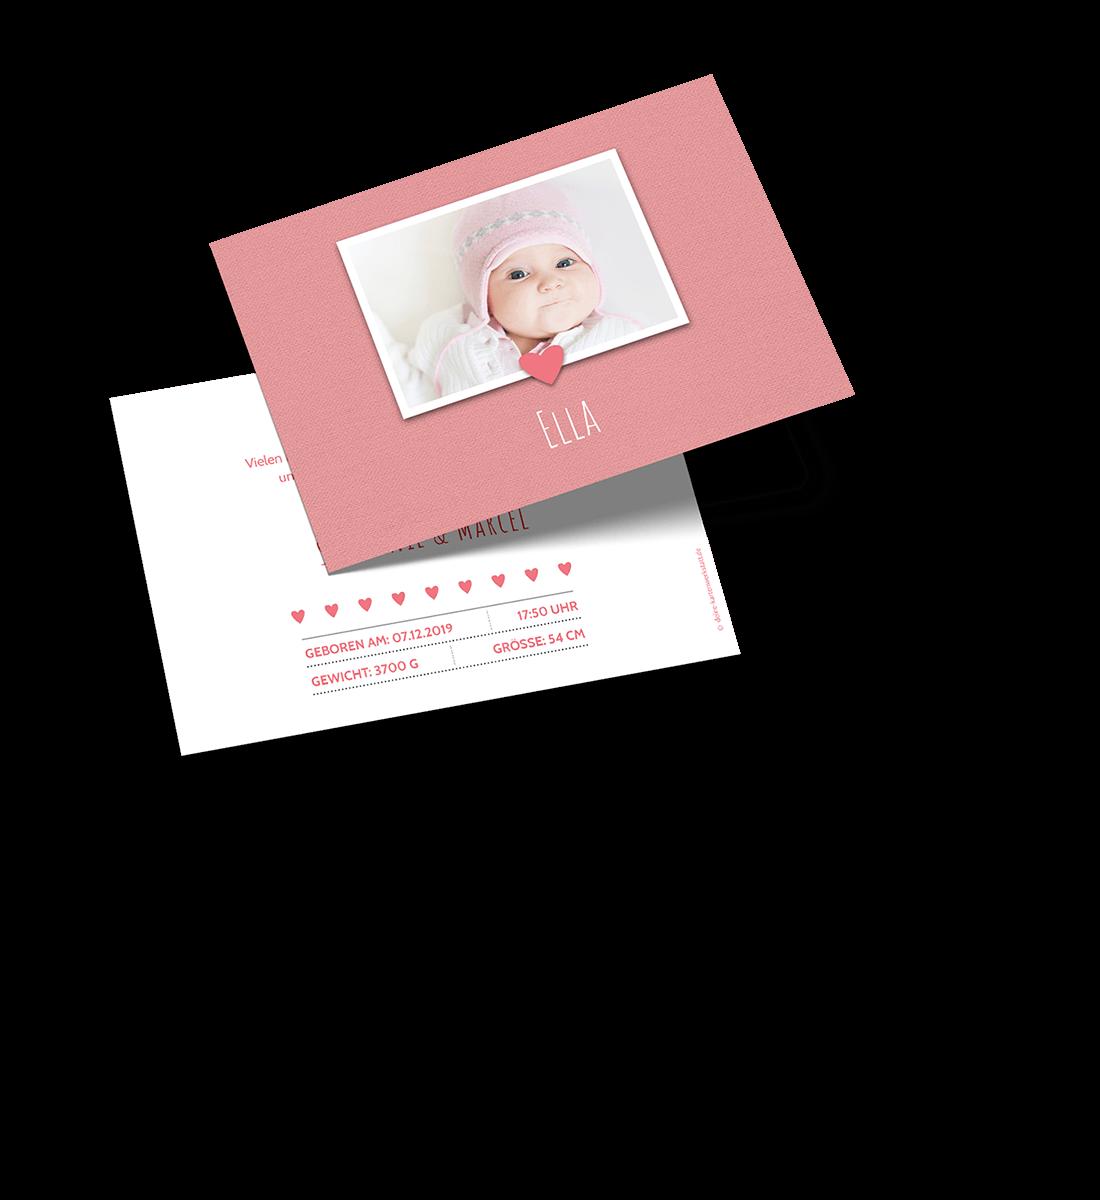 Geburtskarte als Postkarte im Querformat